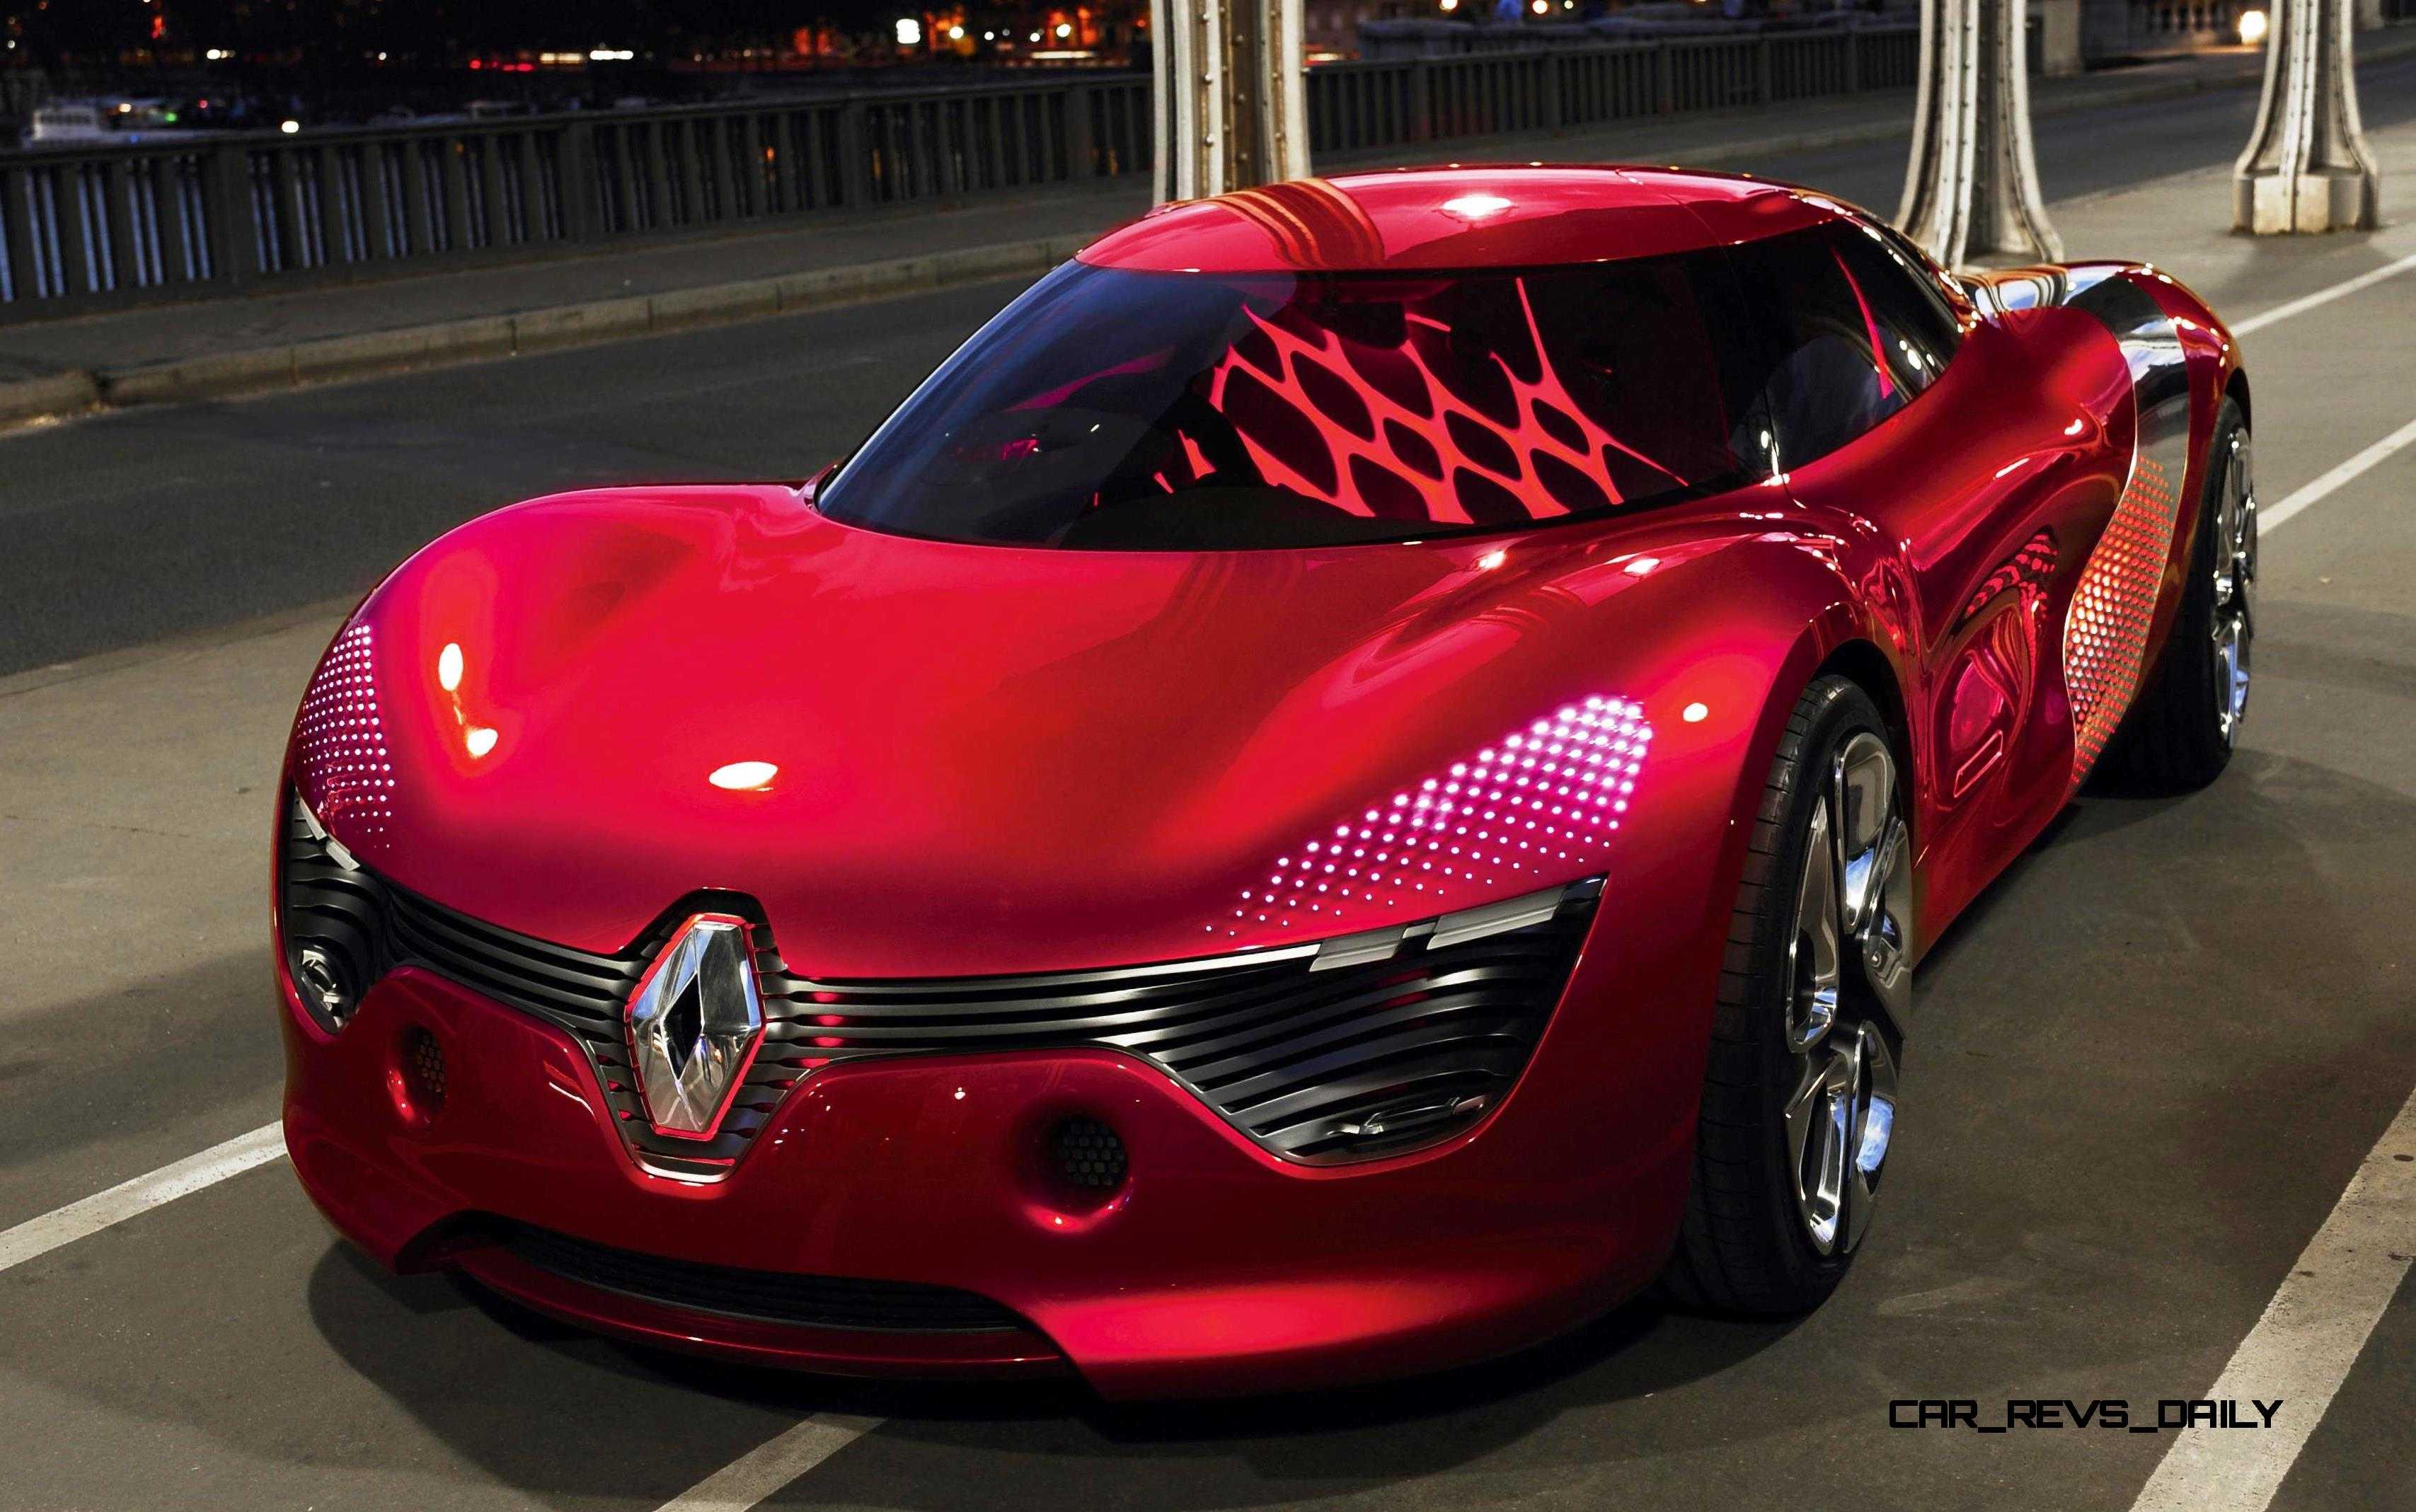 2010 Renault 16 photo - 3